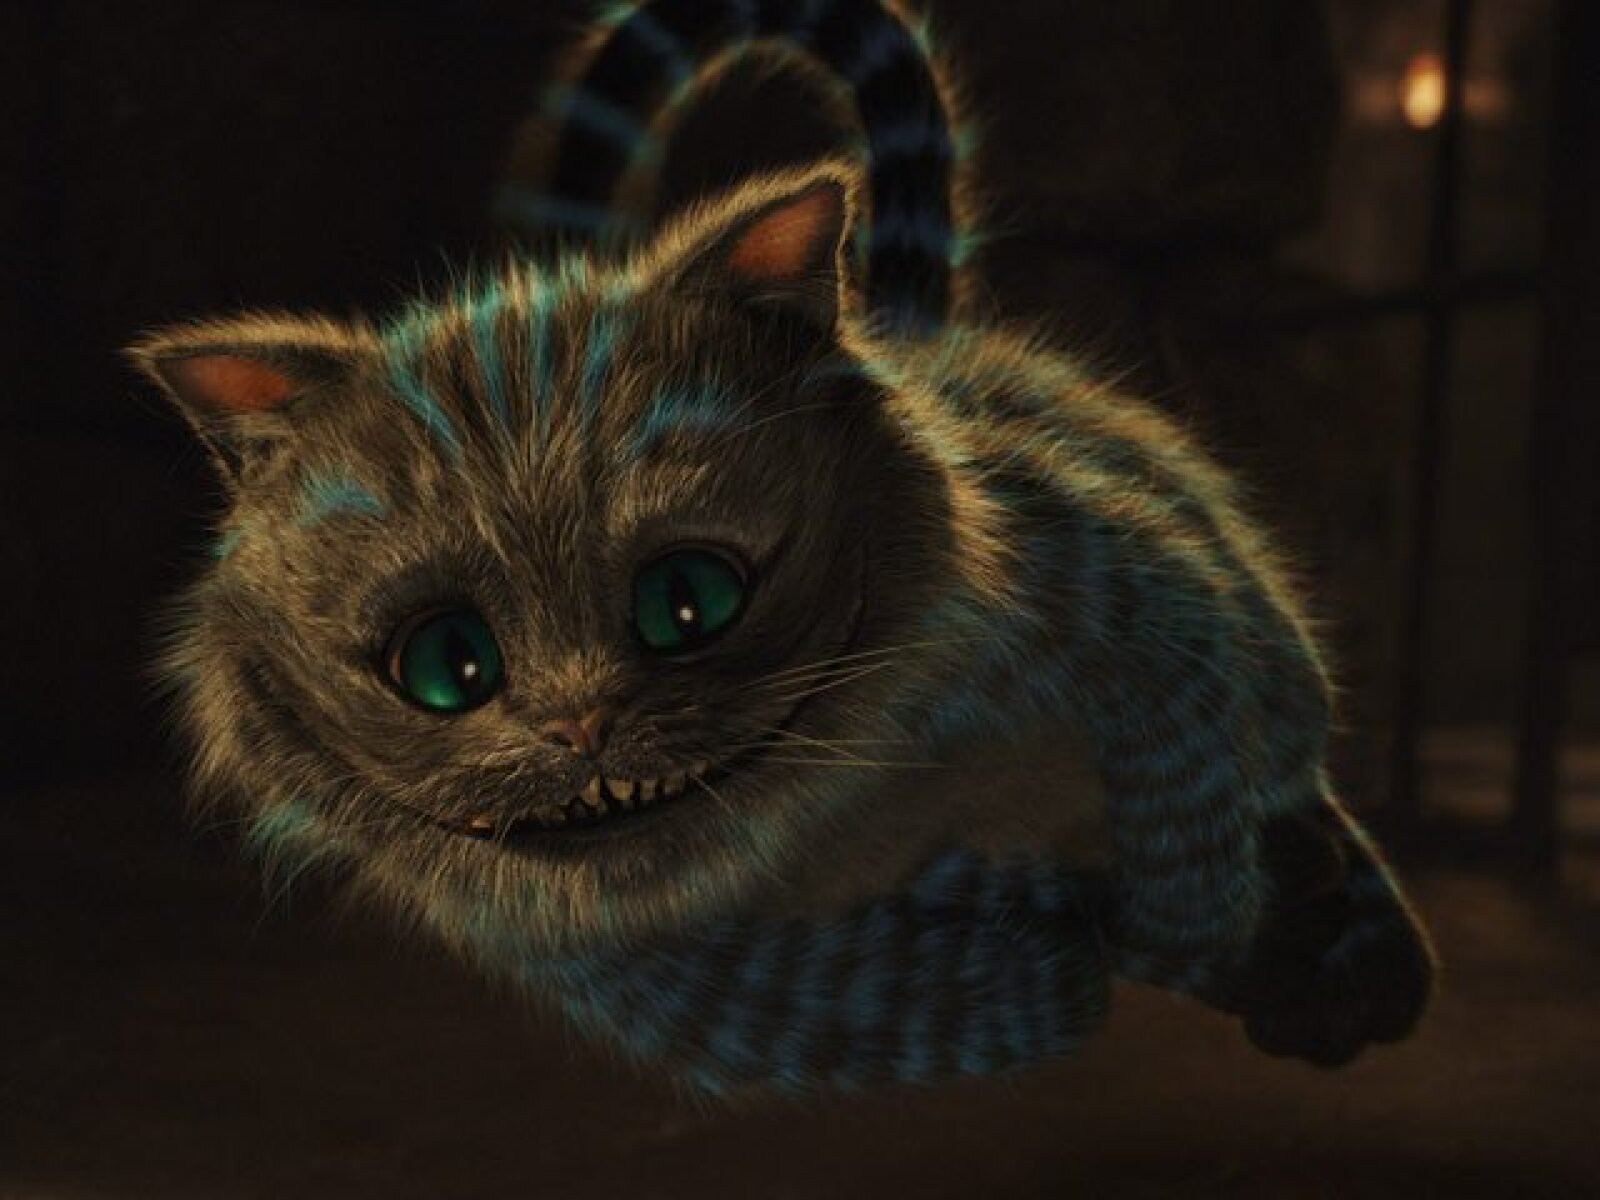 Chessur, el gato de Cheshire (voz de Stephen Fry) es un gato atigrado que tiene la habilidad de aparecer y desaparecer. No se inmuta con nada y su seductora sonrisa esconde su cobardía.